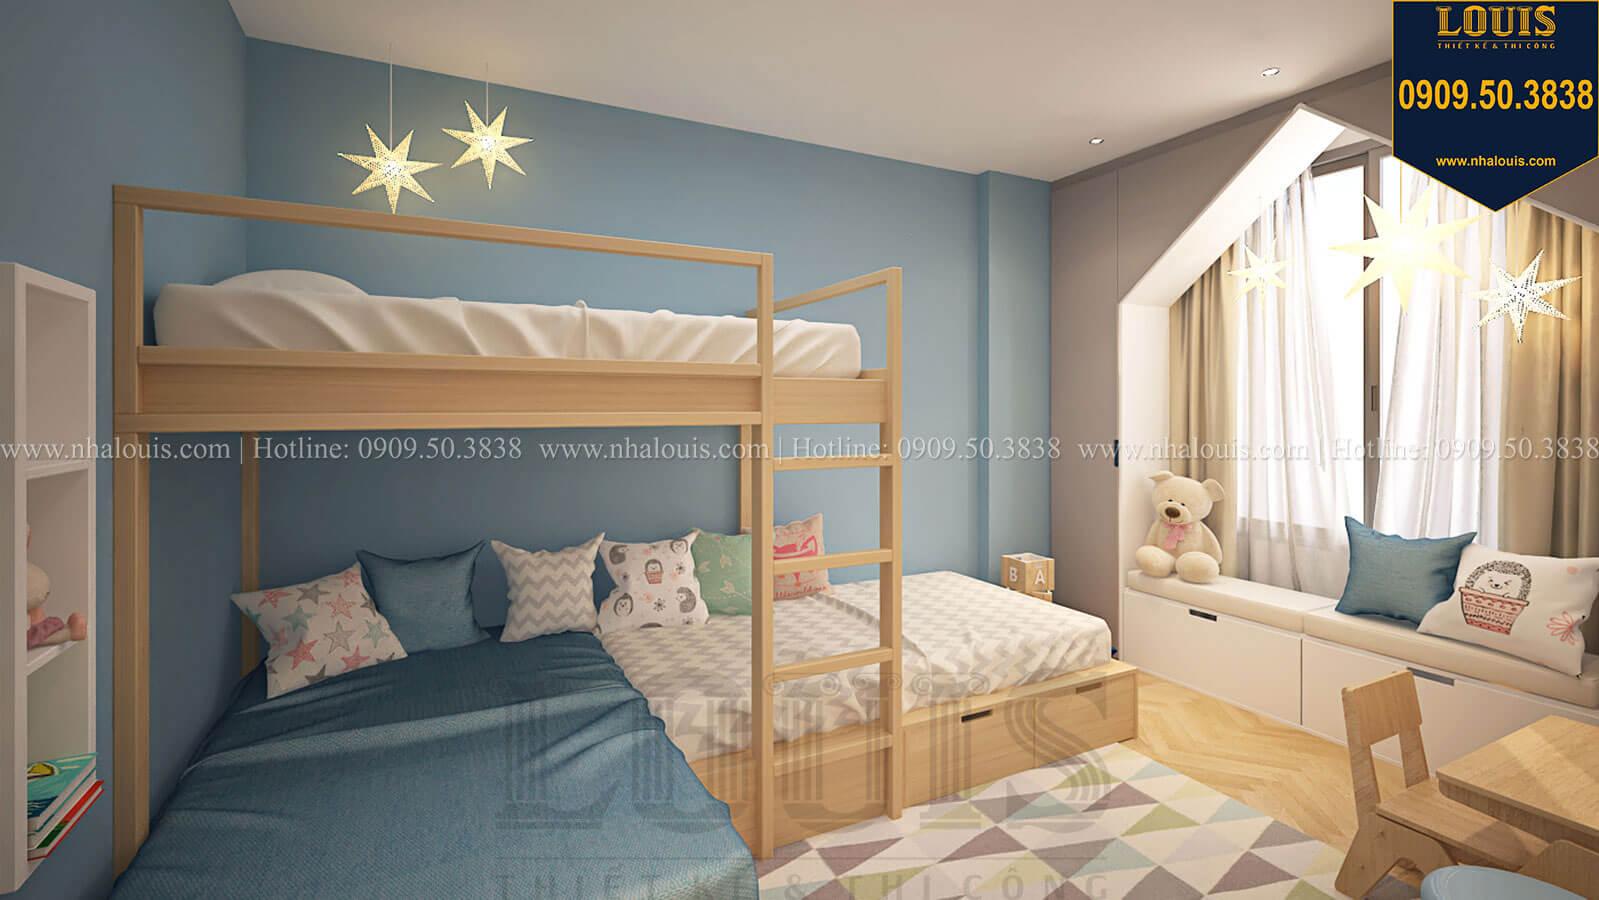 Phòng ngủ con trai Nhà đơn giản nhưng tinh tế với không gian mở tại Tân Bình - 33